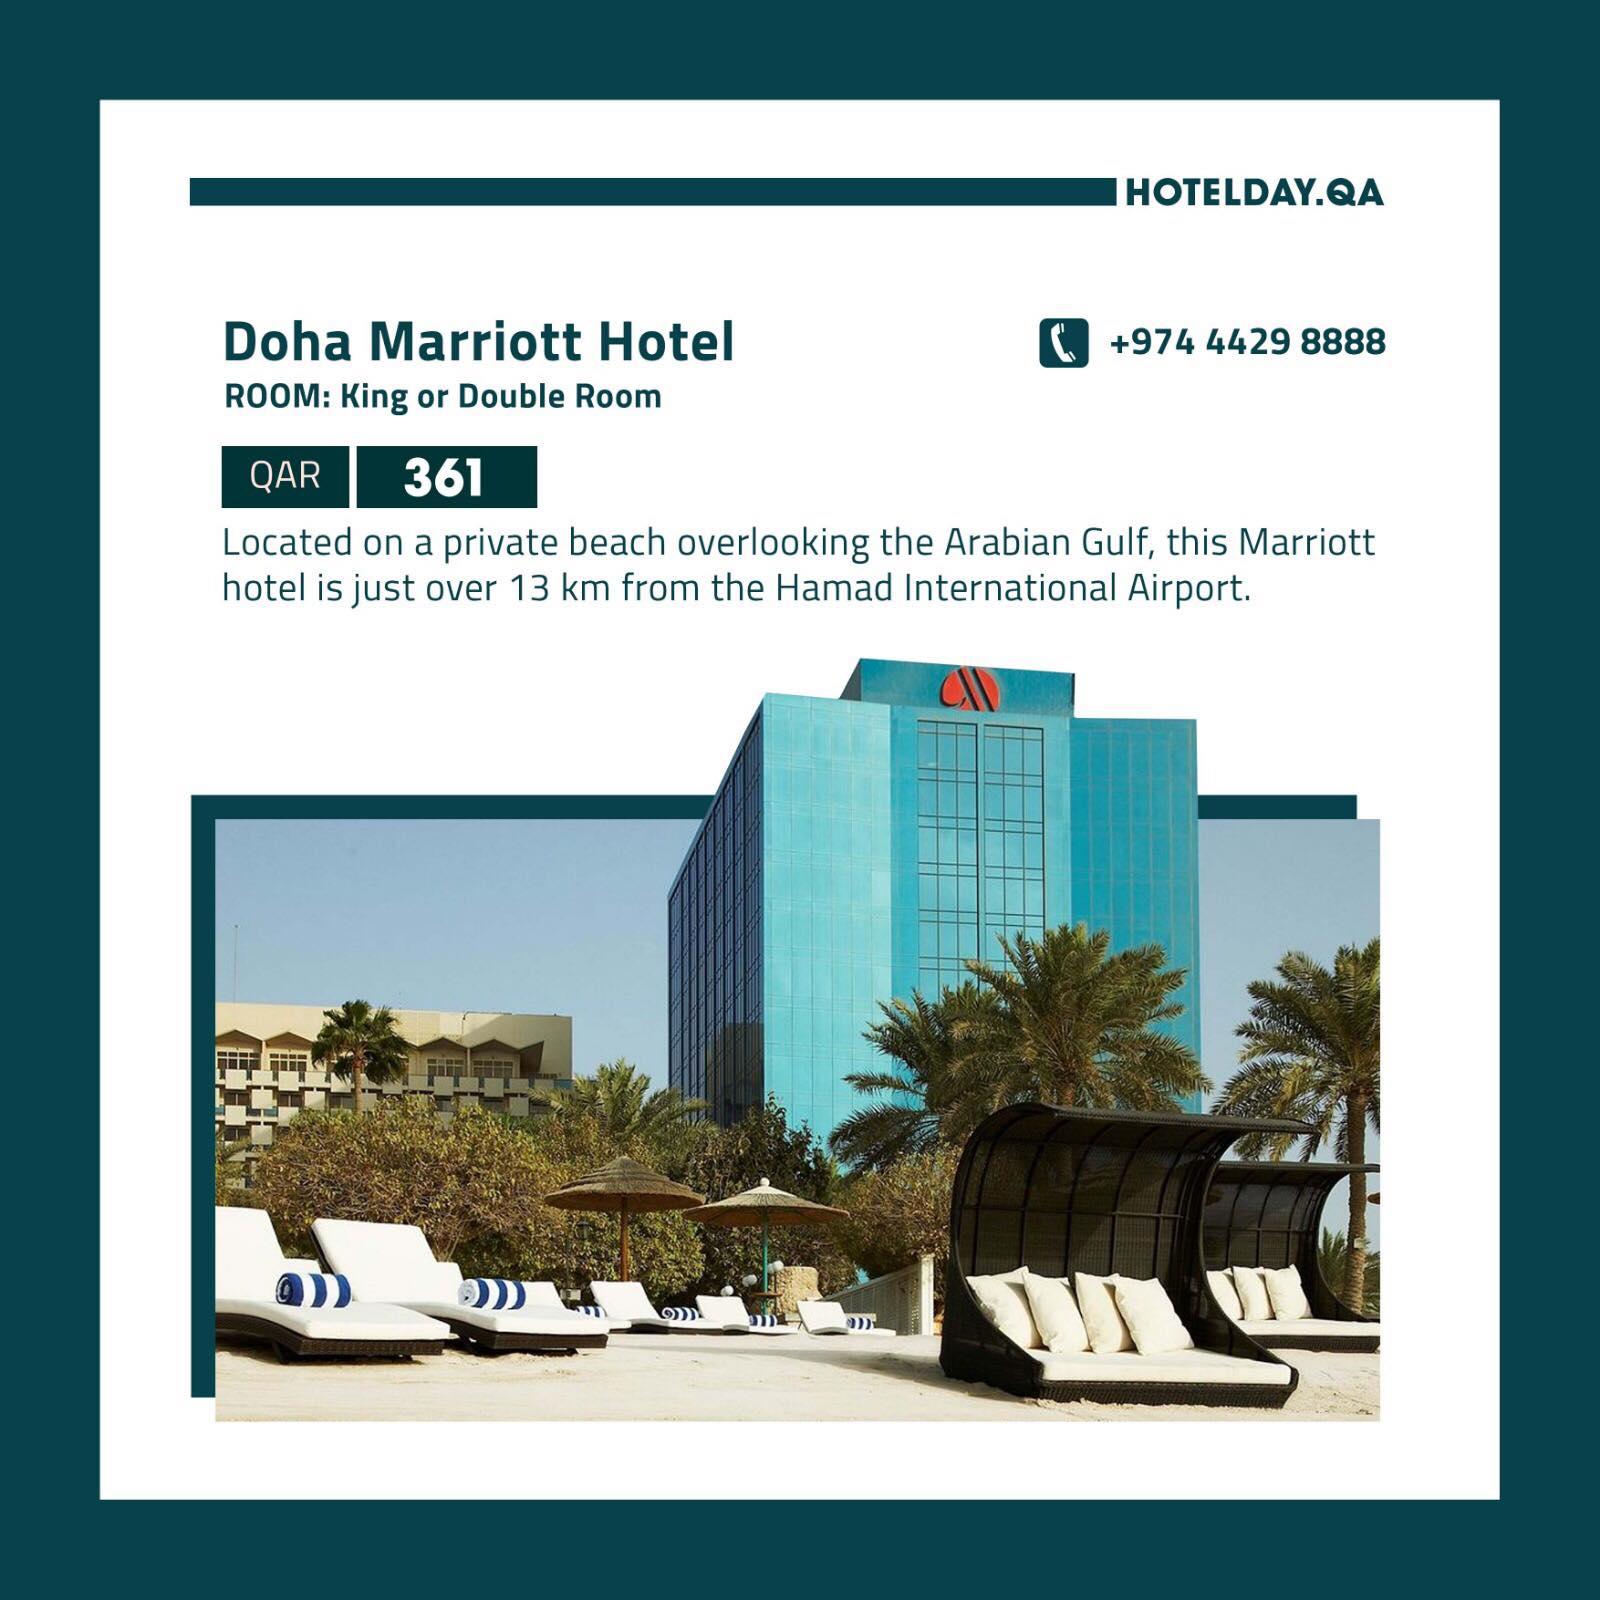 Hotel listings this week